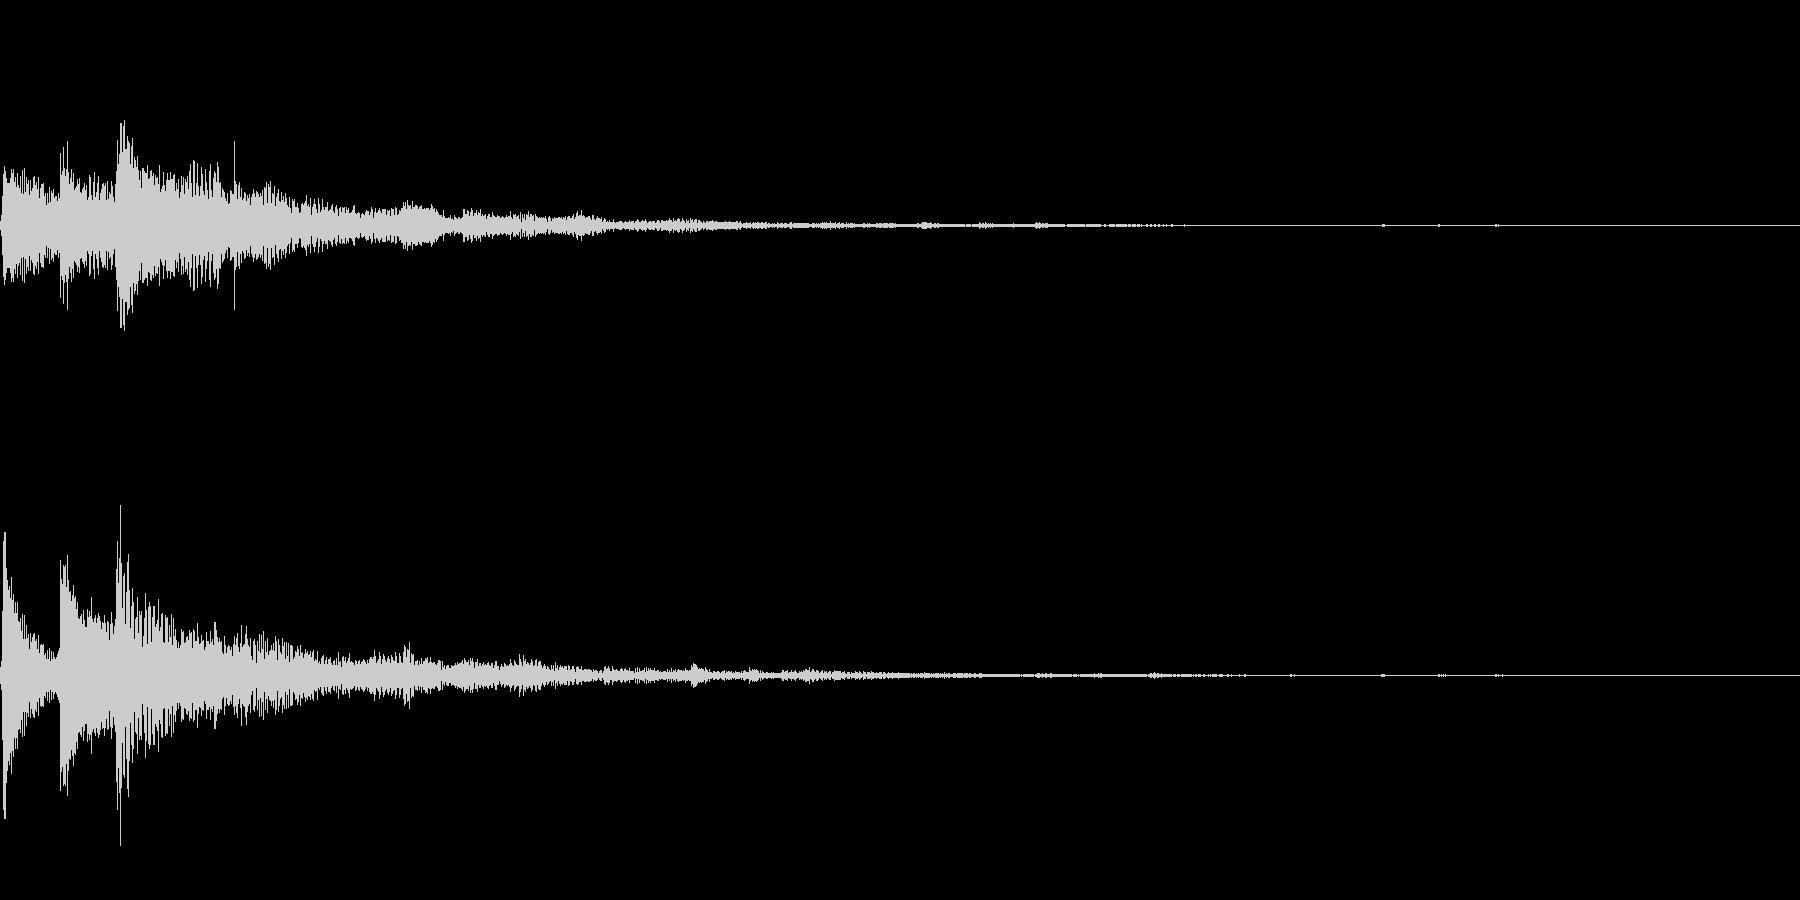 ぽろん♪(連鎖06)の未再生の波形